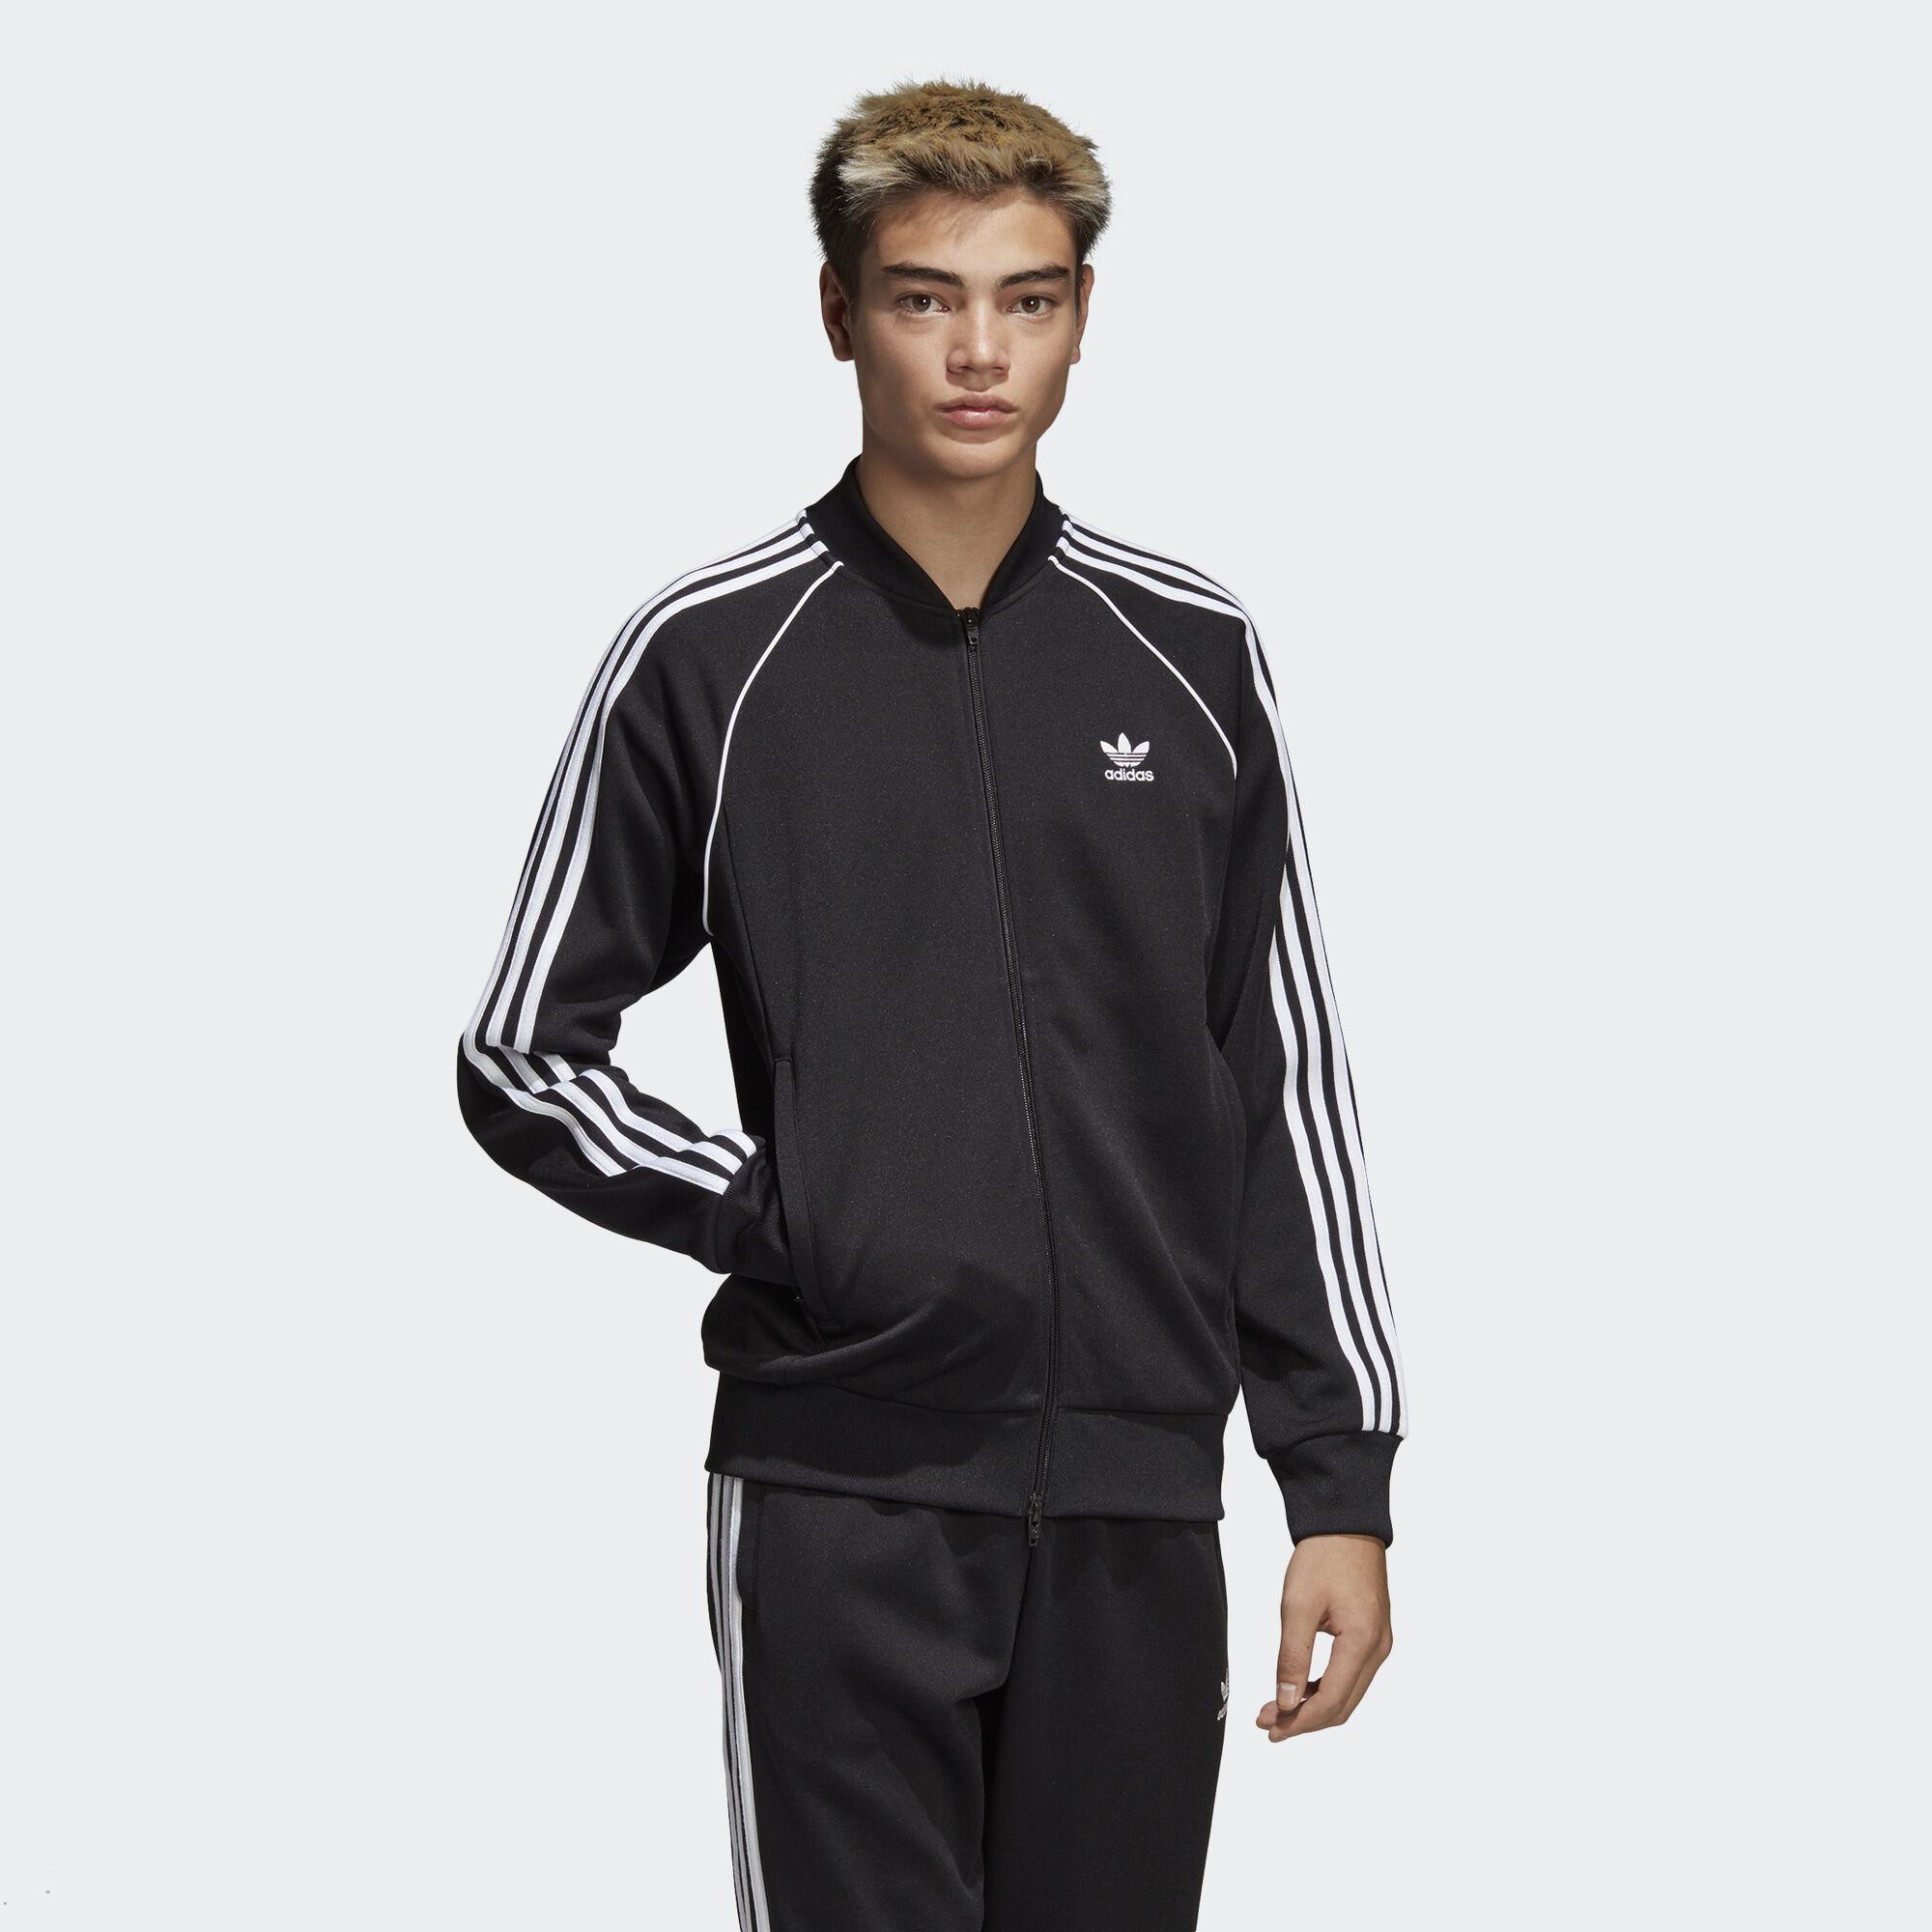 adidas SST Track Jacket - Black | adidas Asia/Middle East